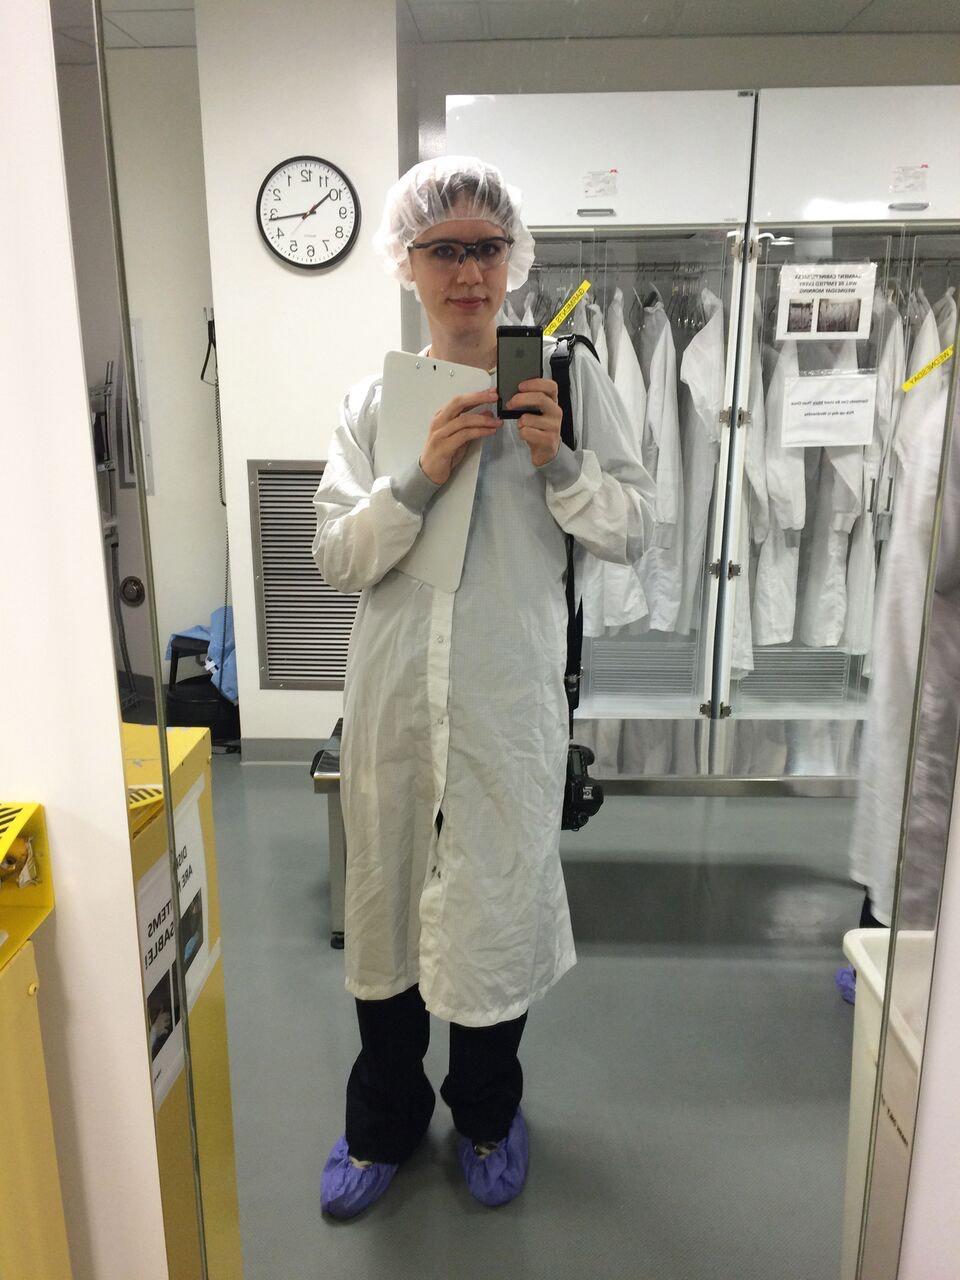 Pre-cleanroom selfie, suiting up.